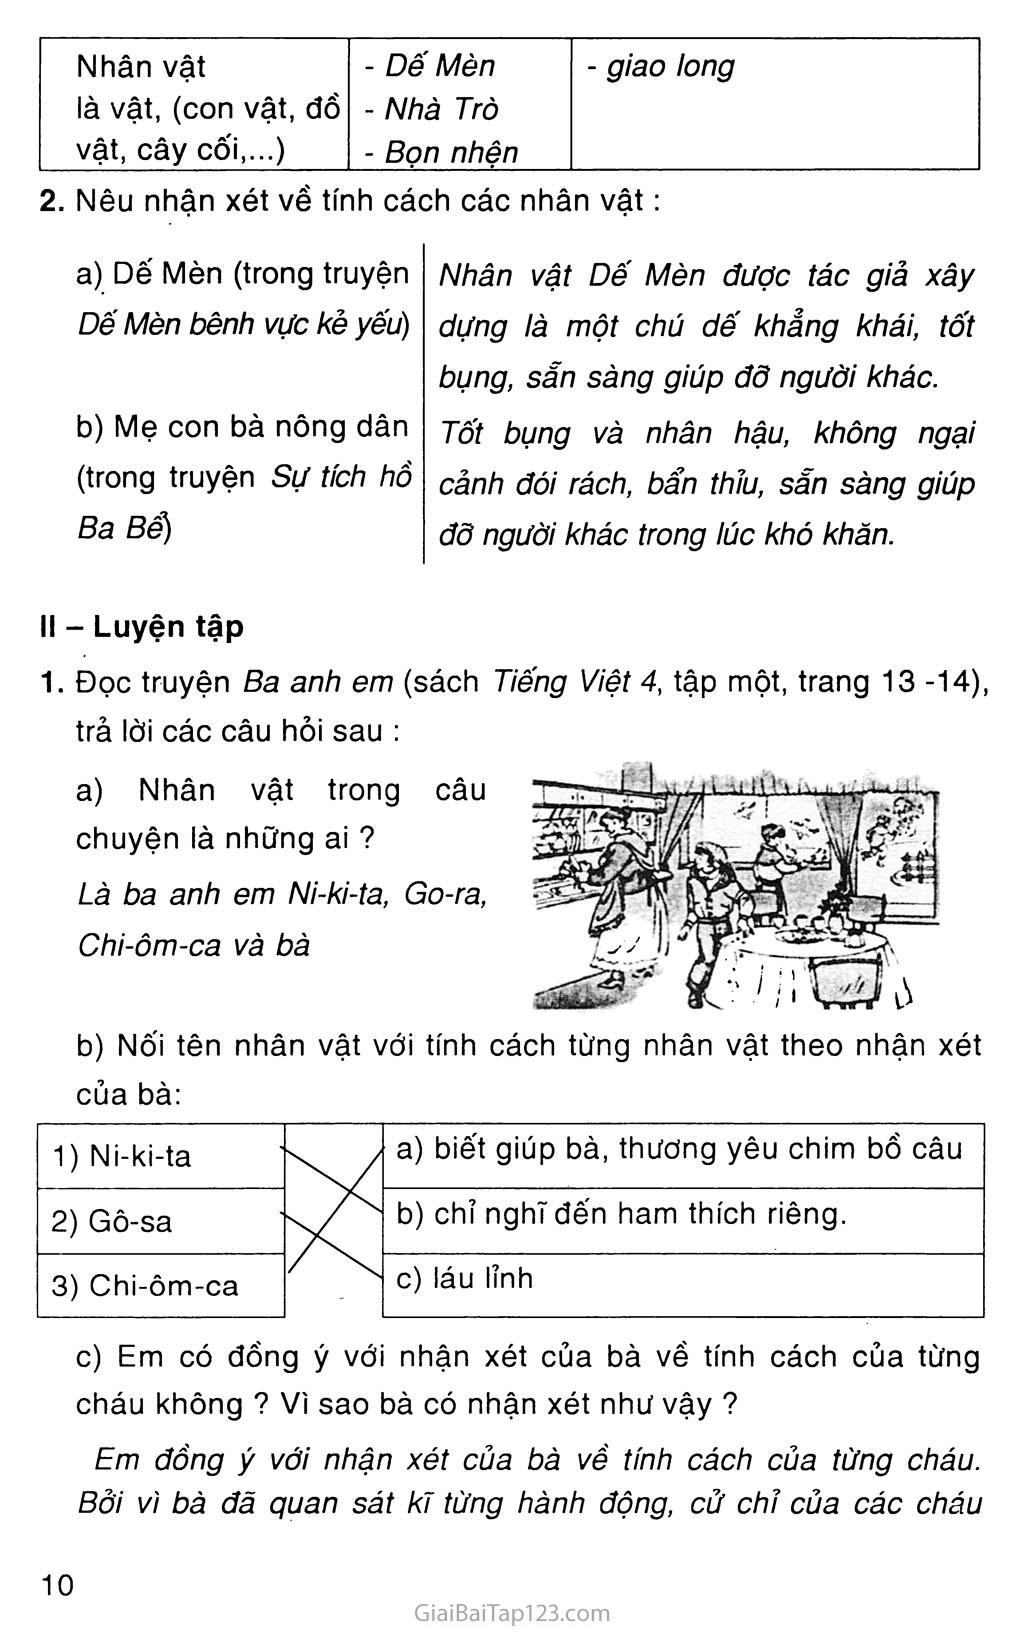 Tuần 1 trang 6